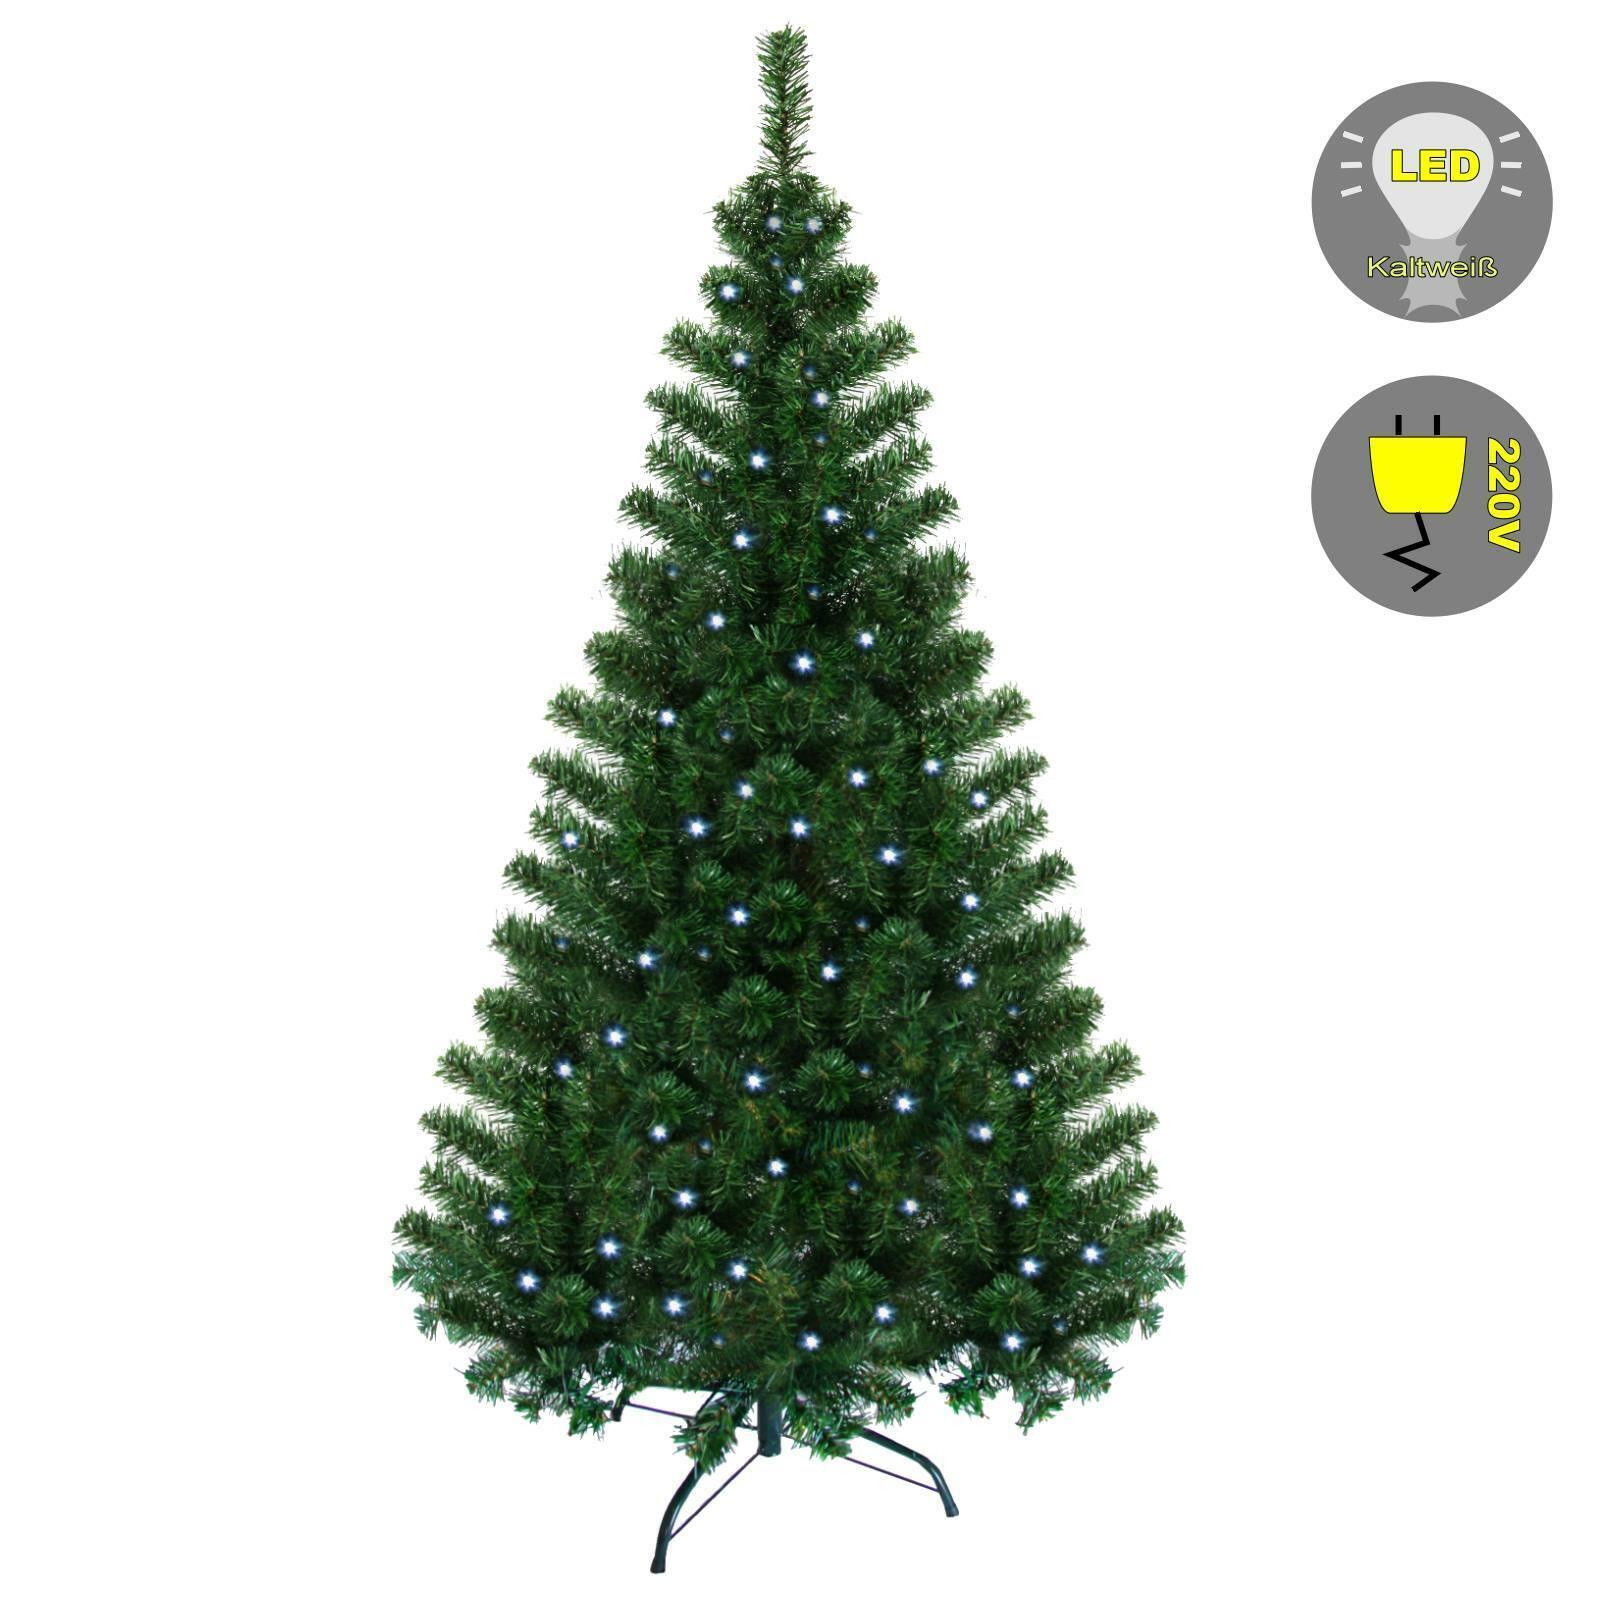 Weihnachtsbaum Christbaum Tannenbaum grün 240 cm mit Lichterkette in kaltweiss